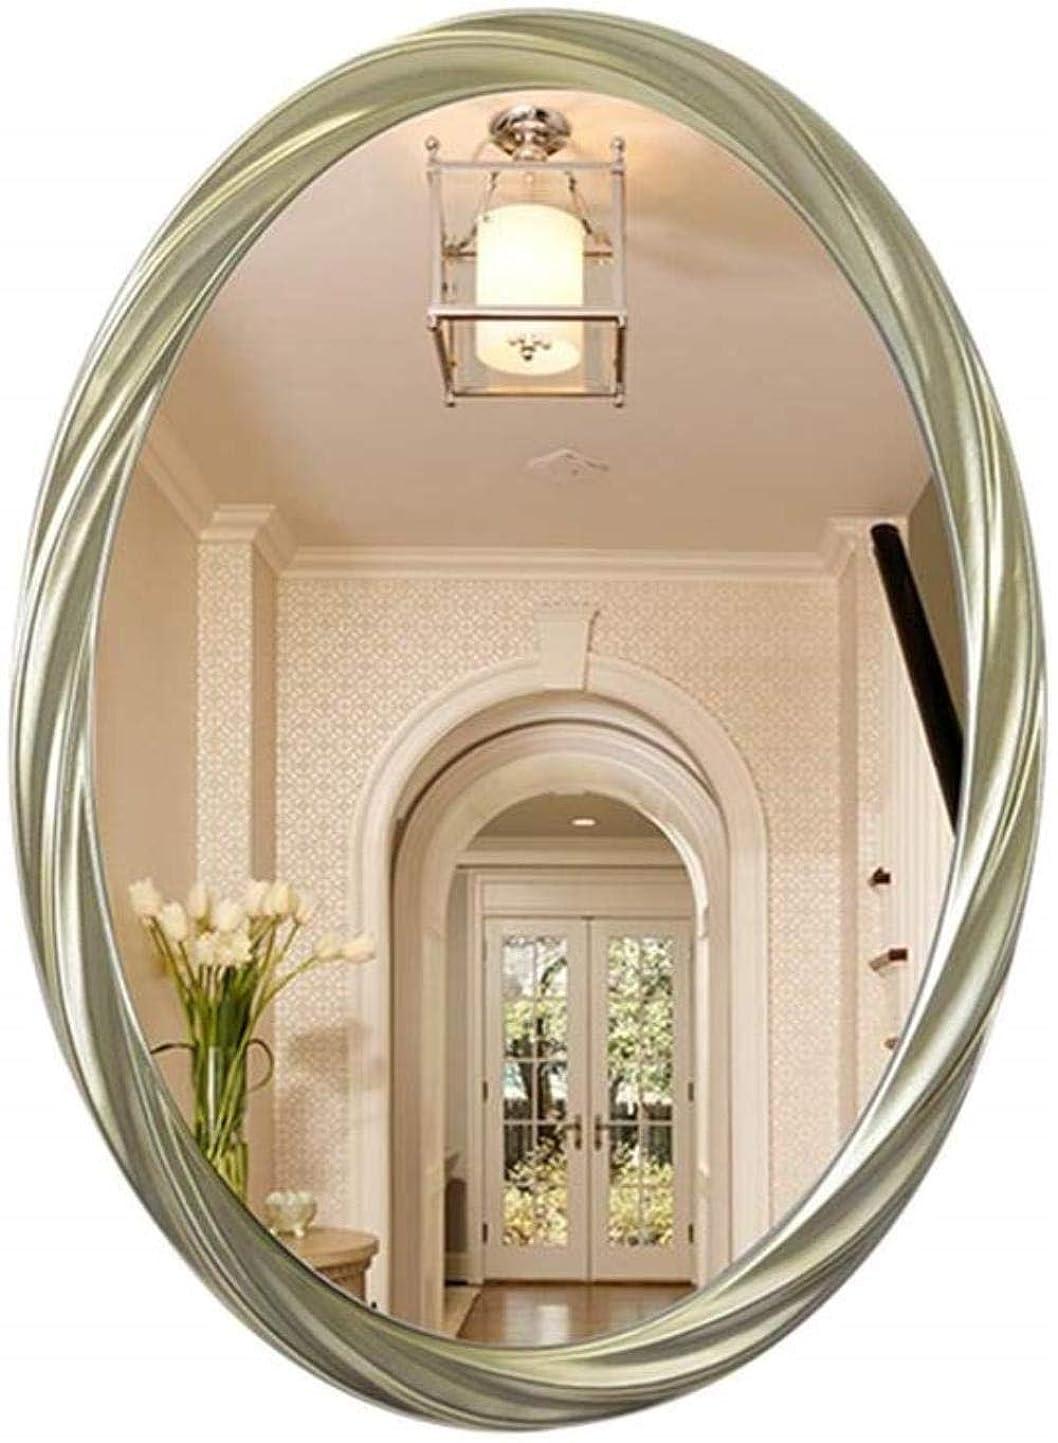 ほとんどない抜本的な並外れたGCX- メイクアップミラーシンプルでモダンな装飾Spiegelwandbehangオーバル浴室バニティミラー ファッション (Color : Light Yellow)